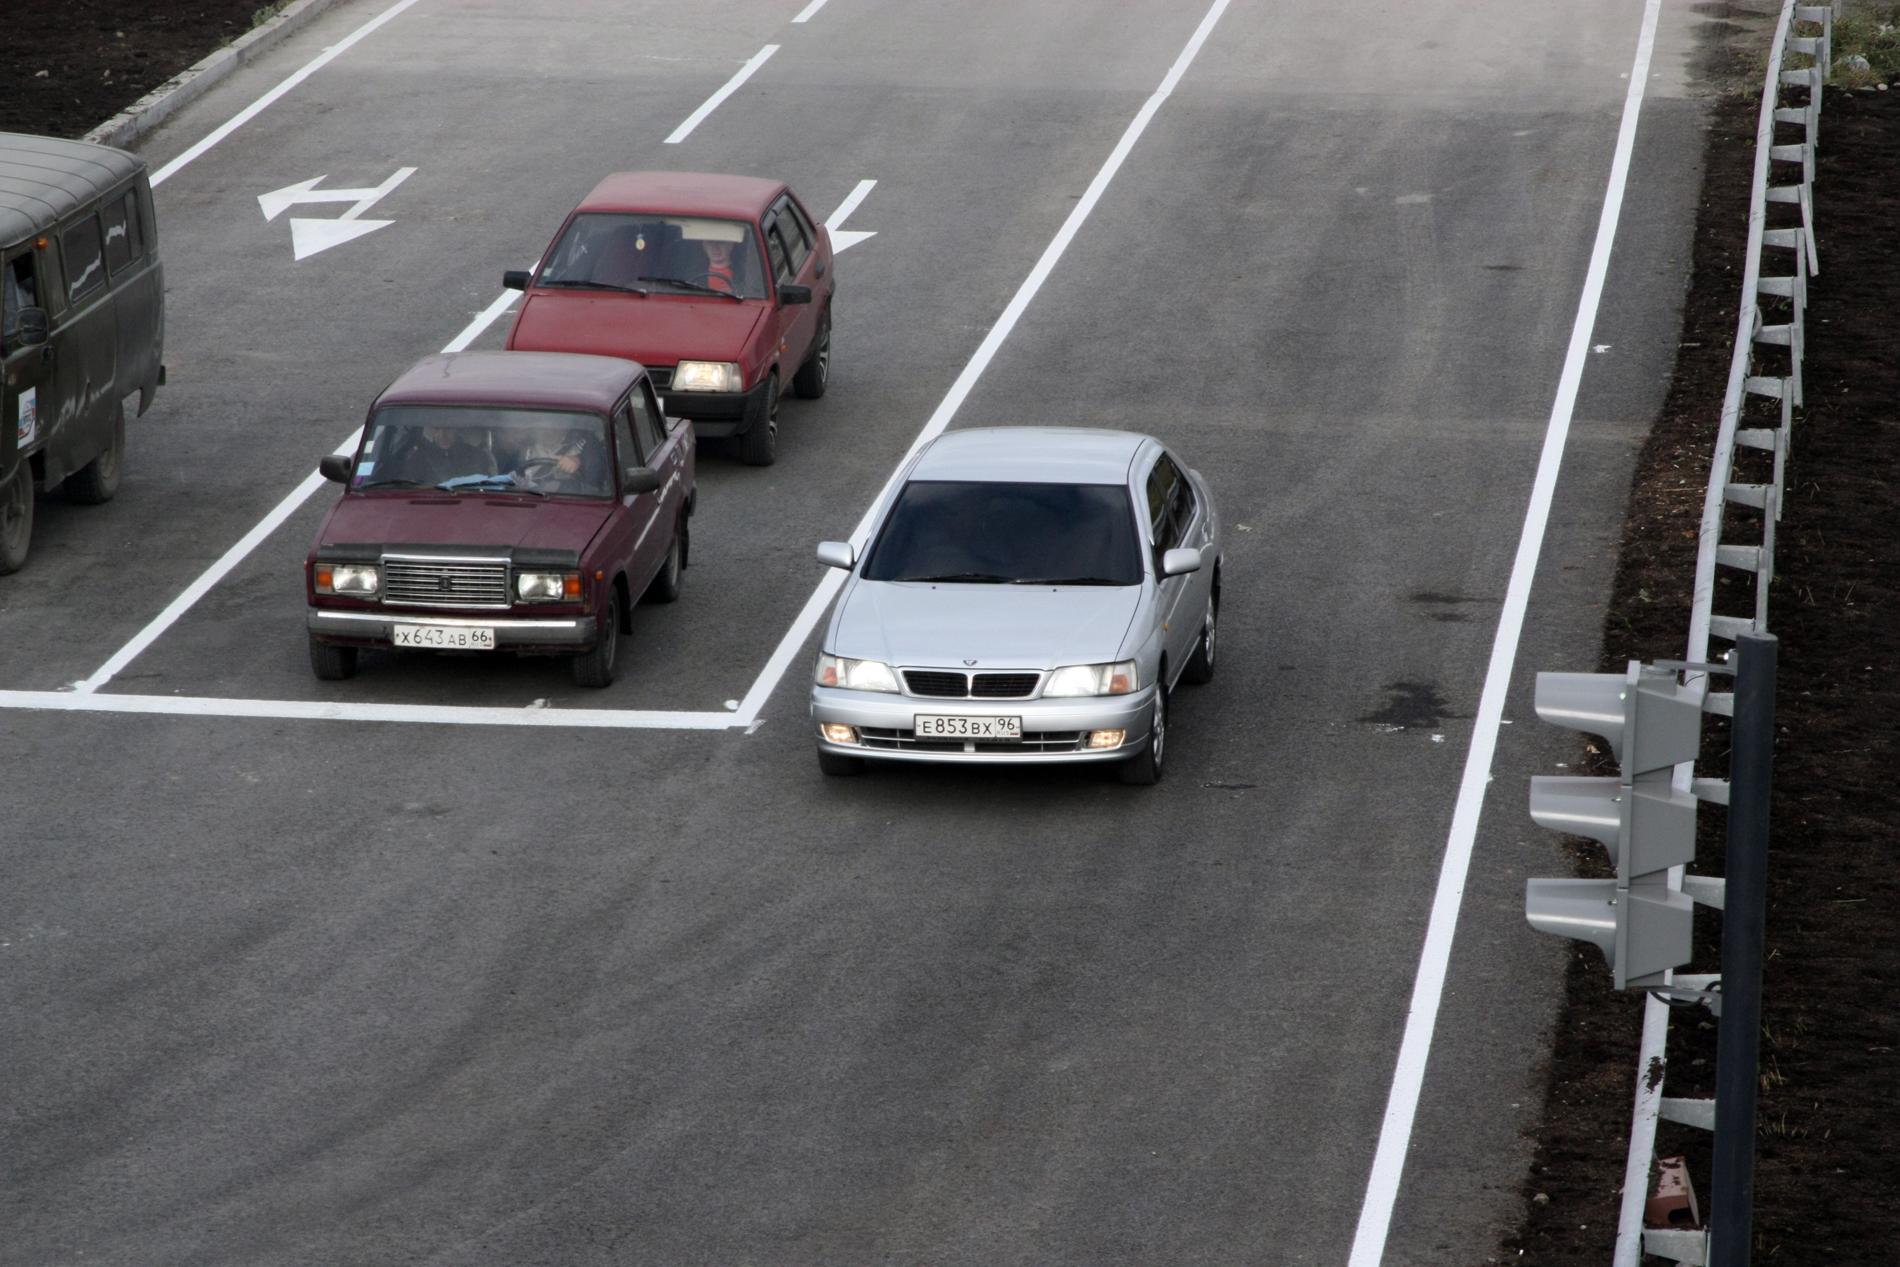 Екатеринбург и Челябинск хотят соединить шестиполосной трассой